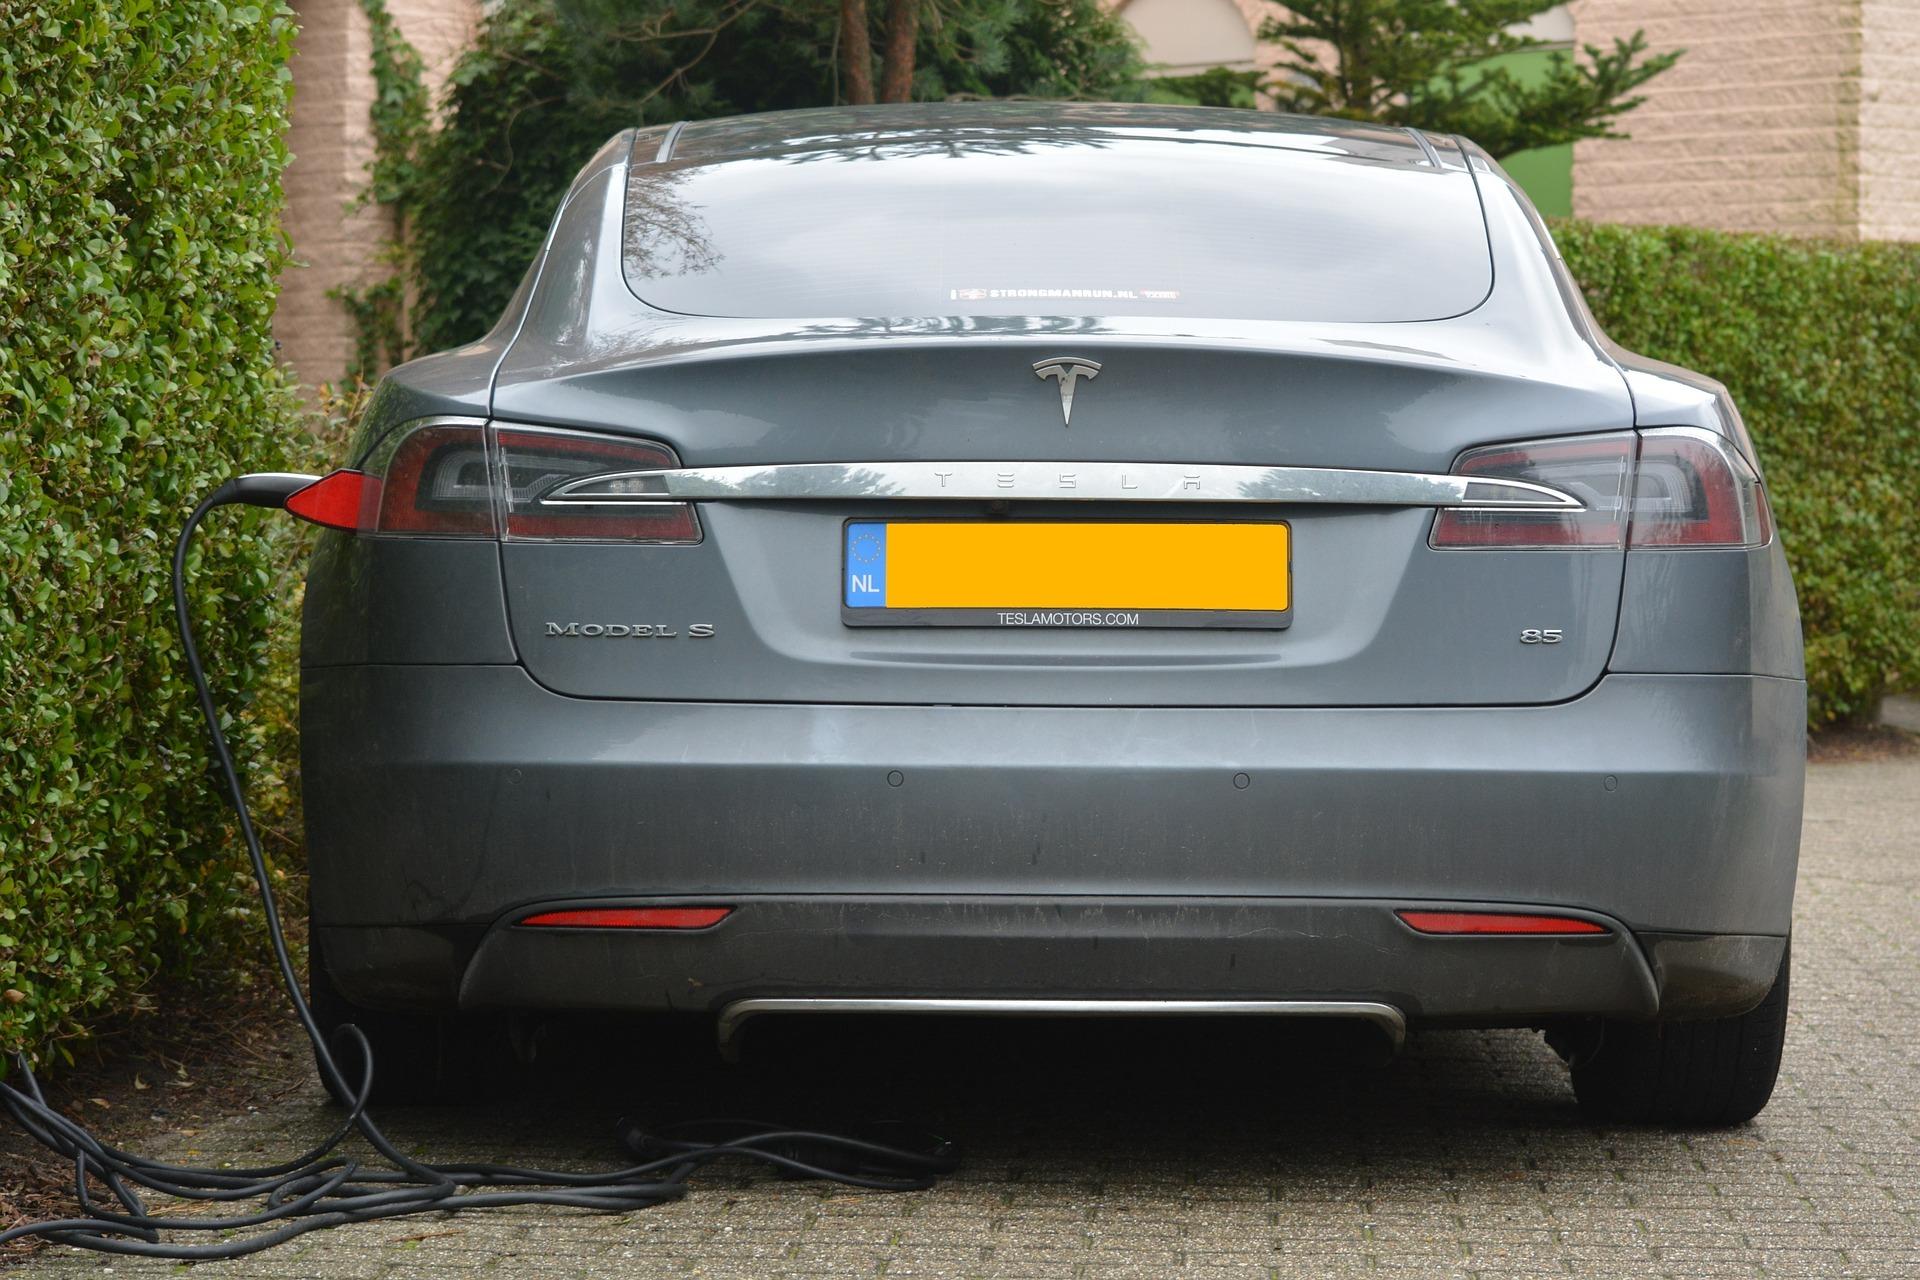 'Subsidie op elektrische auto's vooral naar rijke Nederlanders'